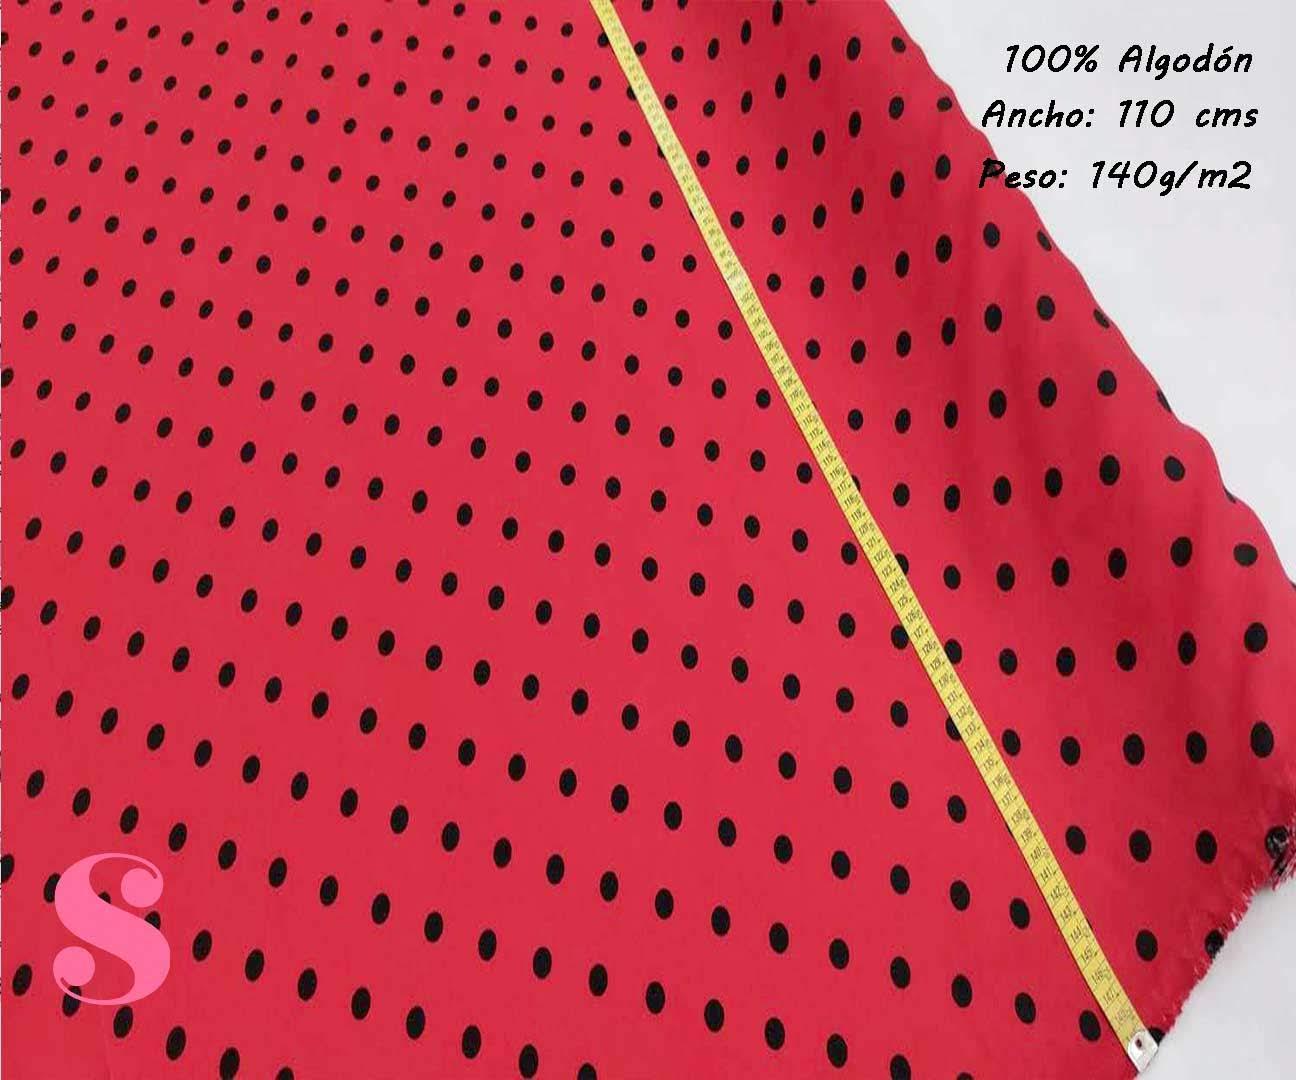 173-lunares-negros-flamenca-sevillanas-tejidos-estampado-strech,Tejido Estampado Flamenca Lunar Negro Fondo Rojo